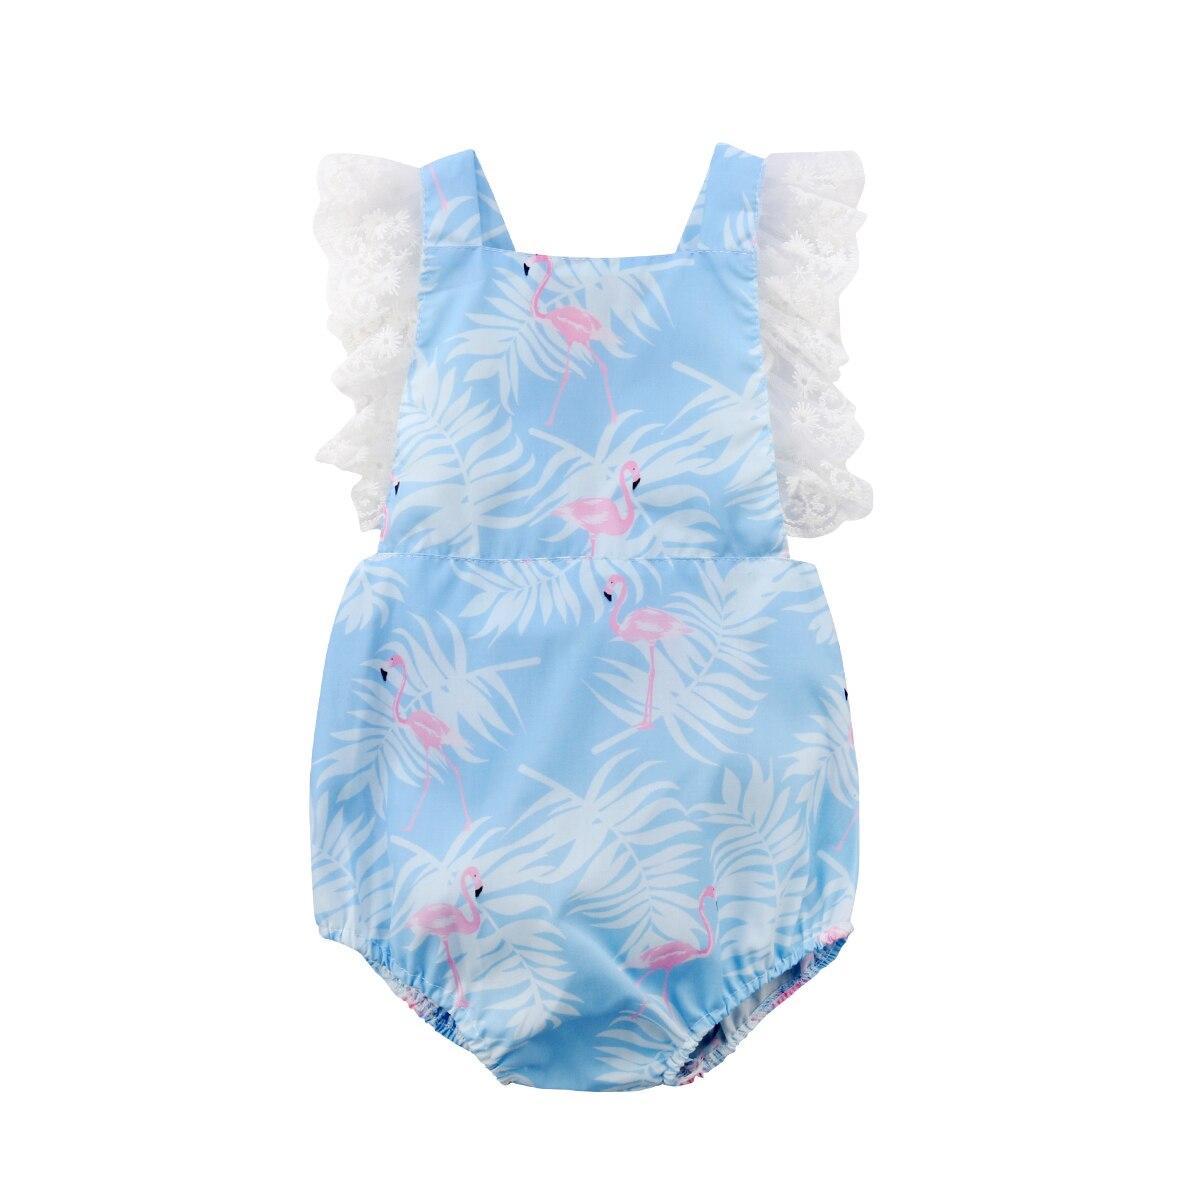 Симпатичные новорожденного для маленьких девочек мультфильм кружева боди комбинезон женский пляжный костюм Хлопок Bbay Одежда для девочек л...